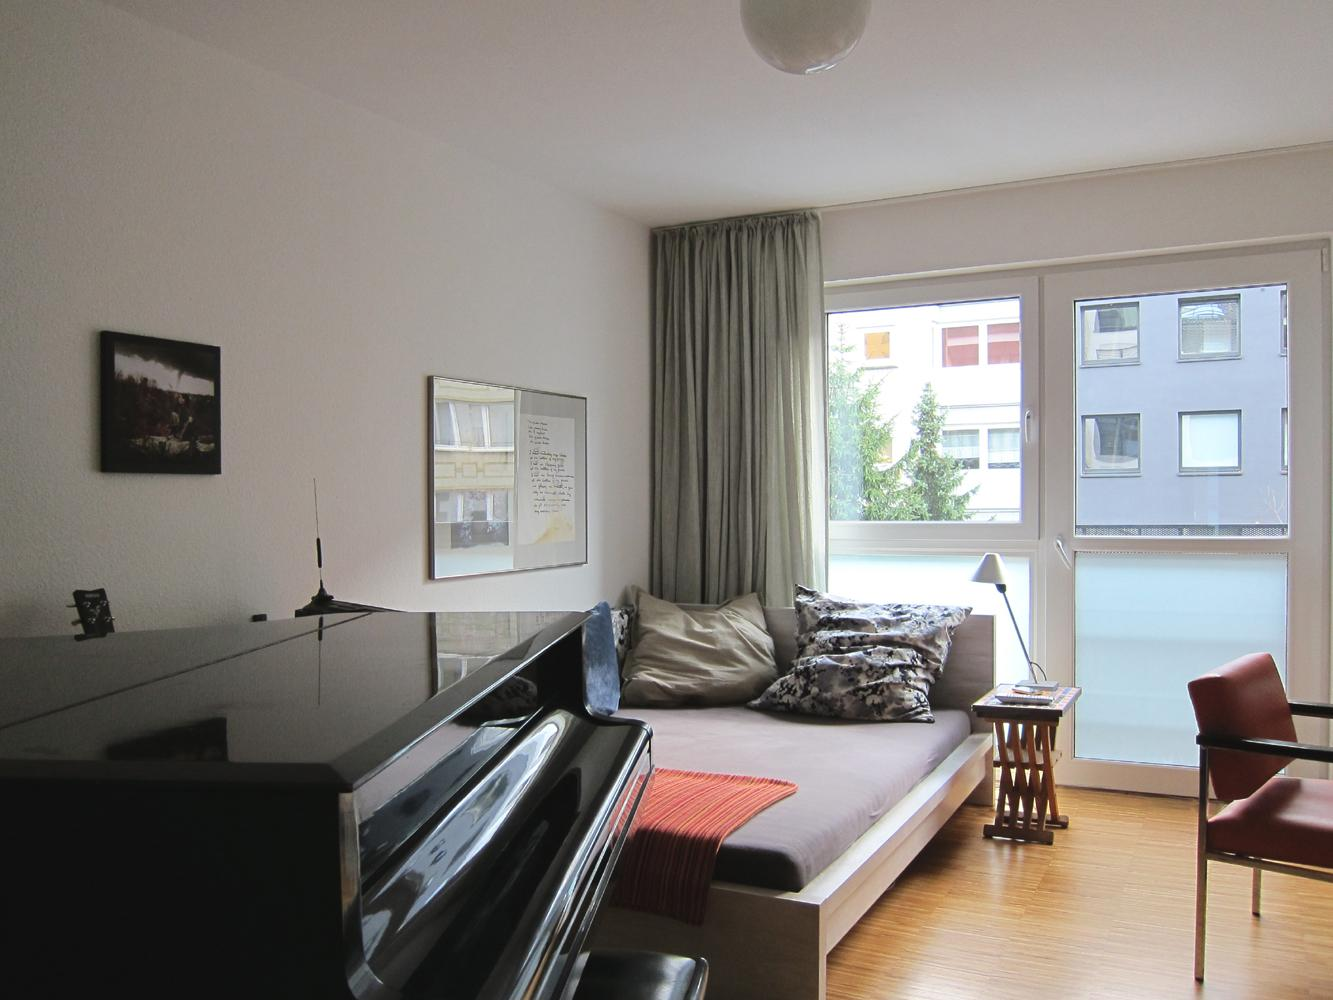 Stuhl bilder ideen couchstyle for Jugendzimmer stuhl